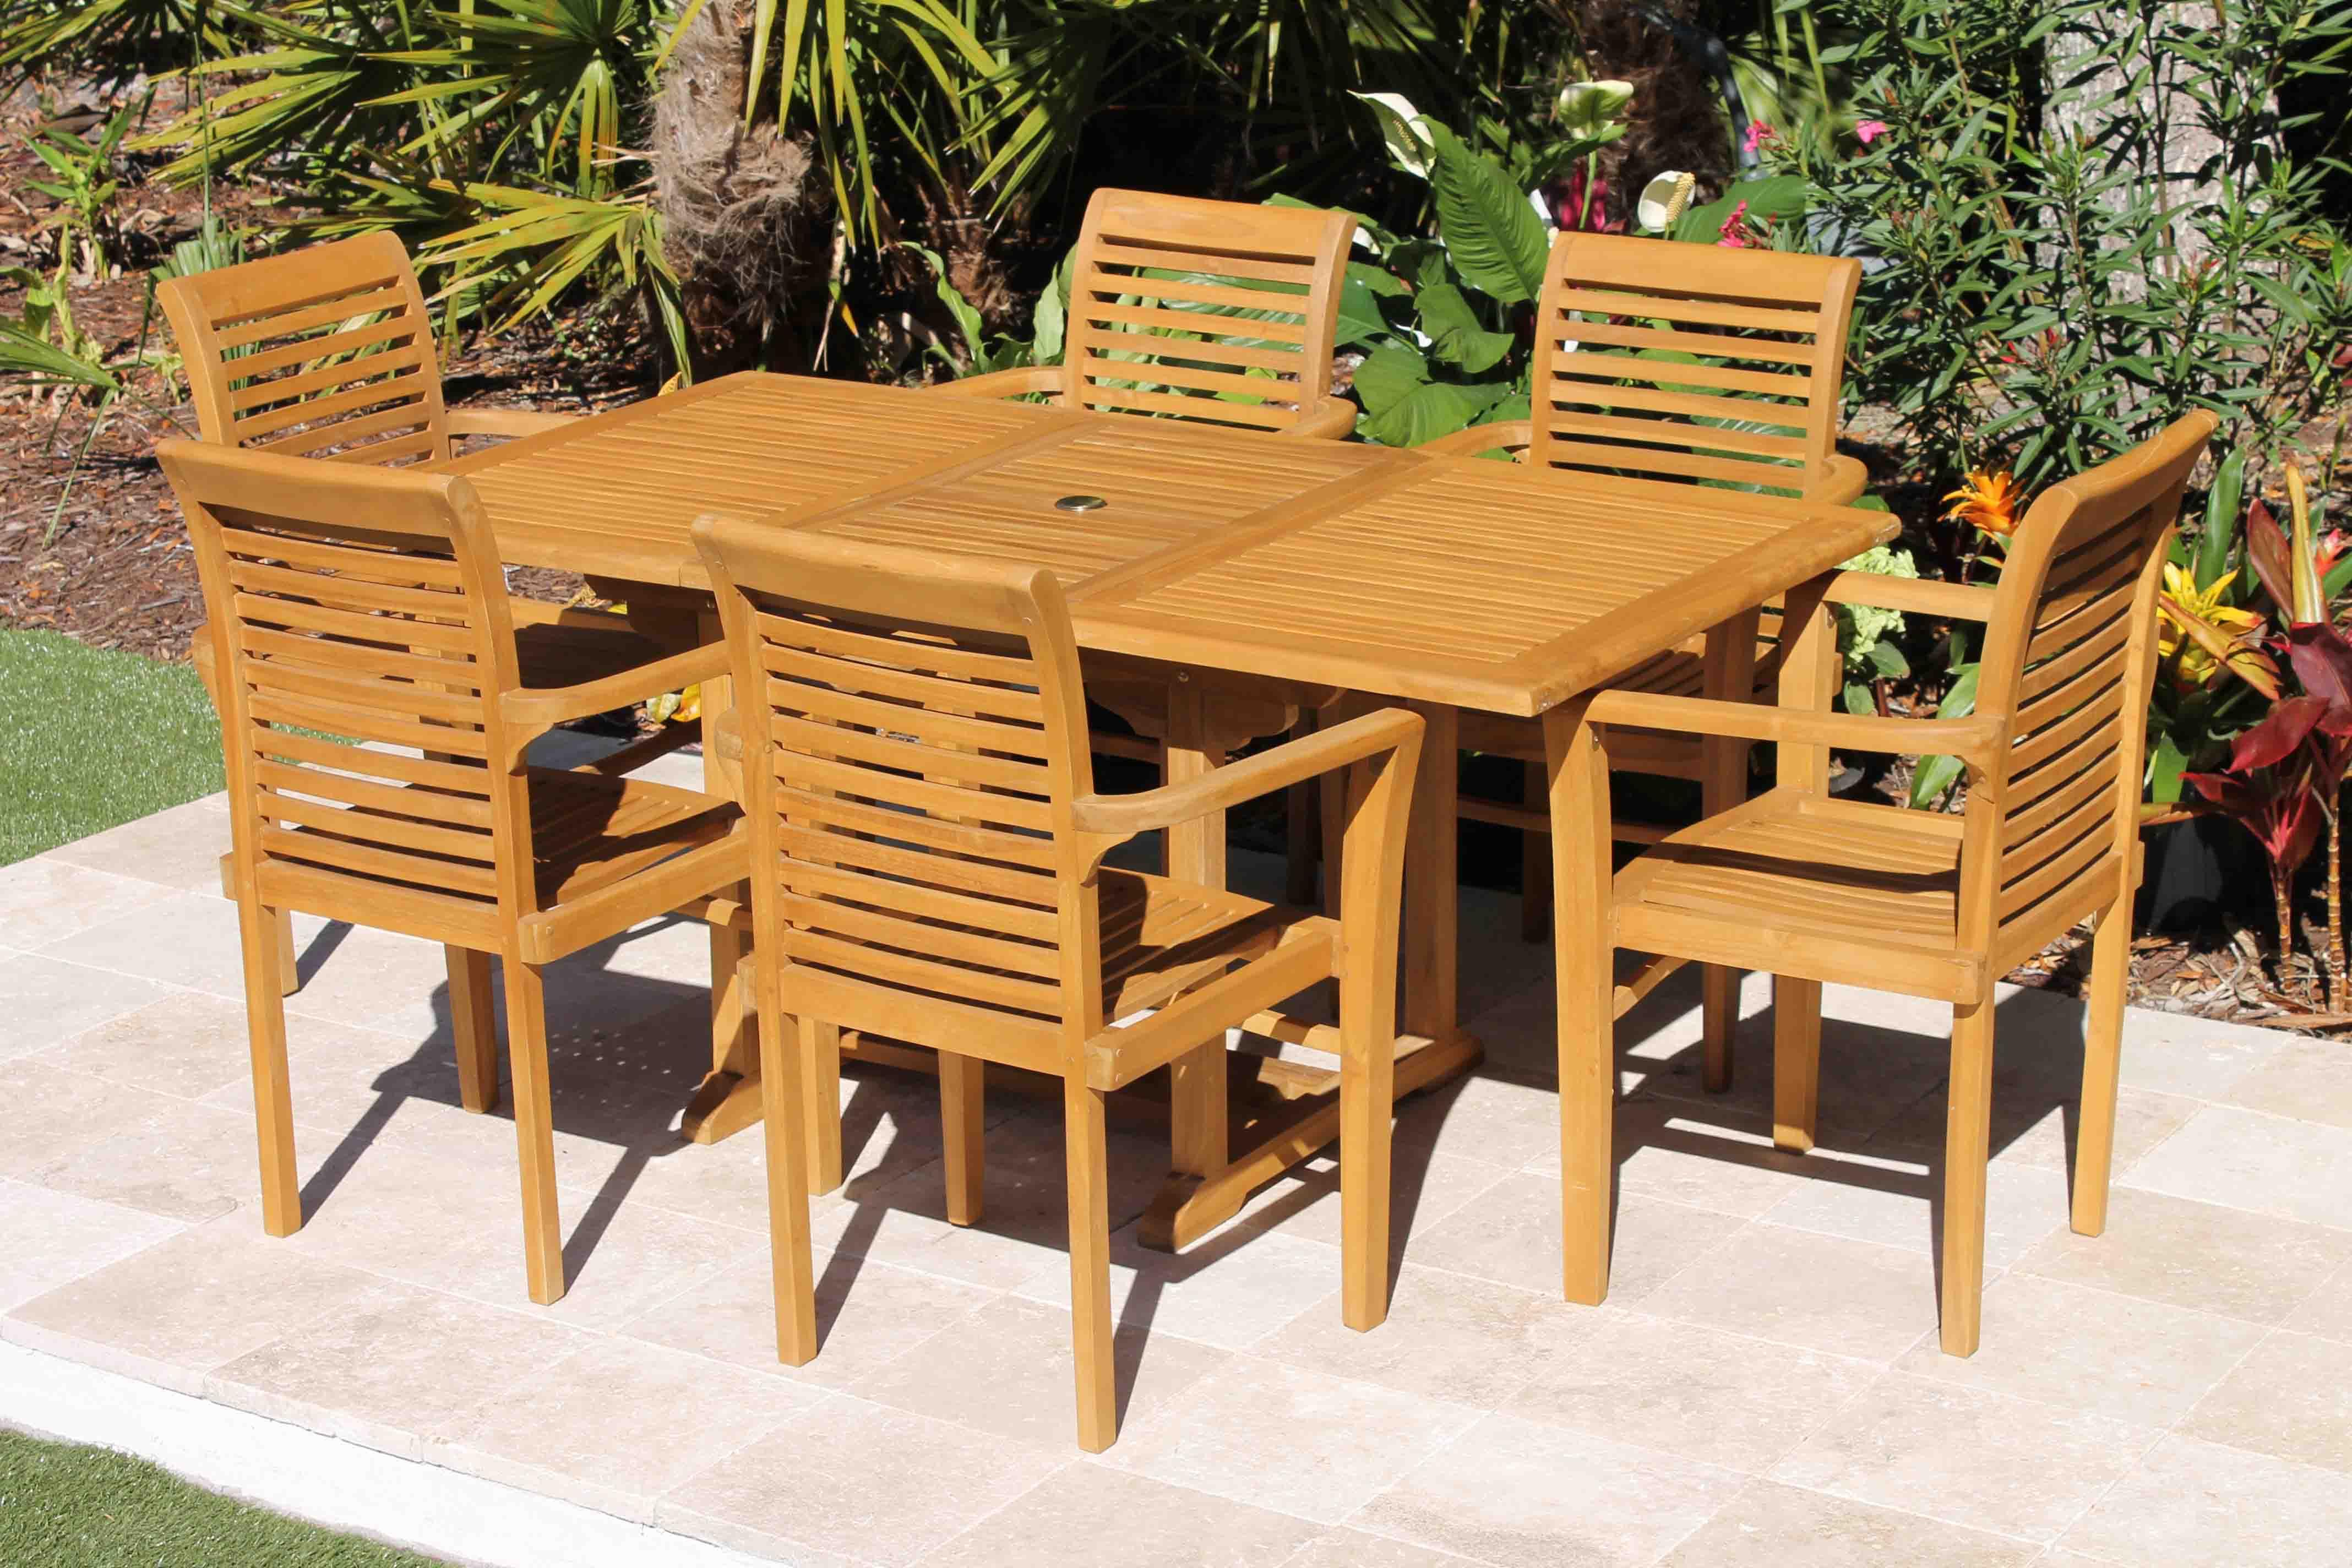 67in Rectangular Table U0026 Atlantic Chair Set 2